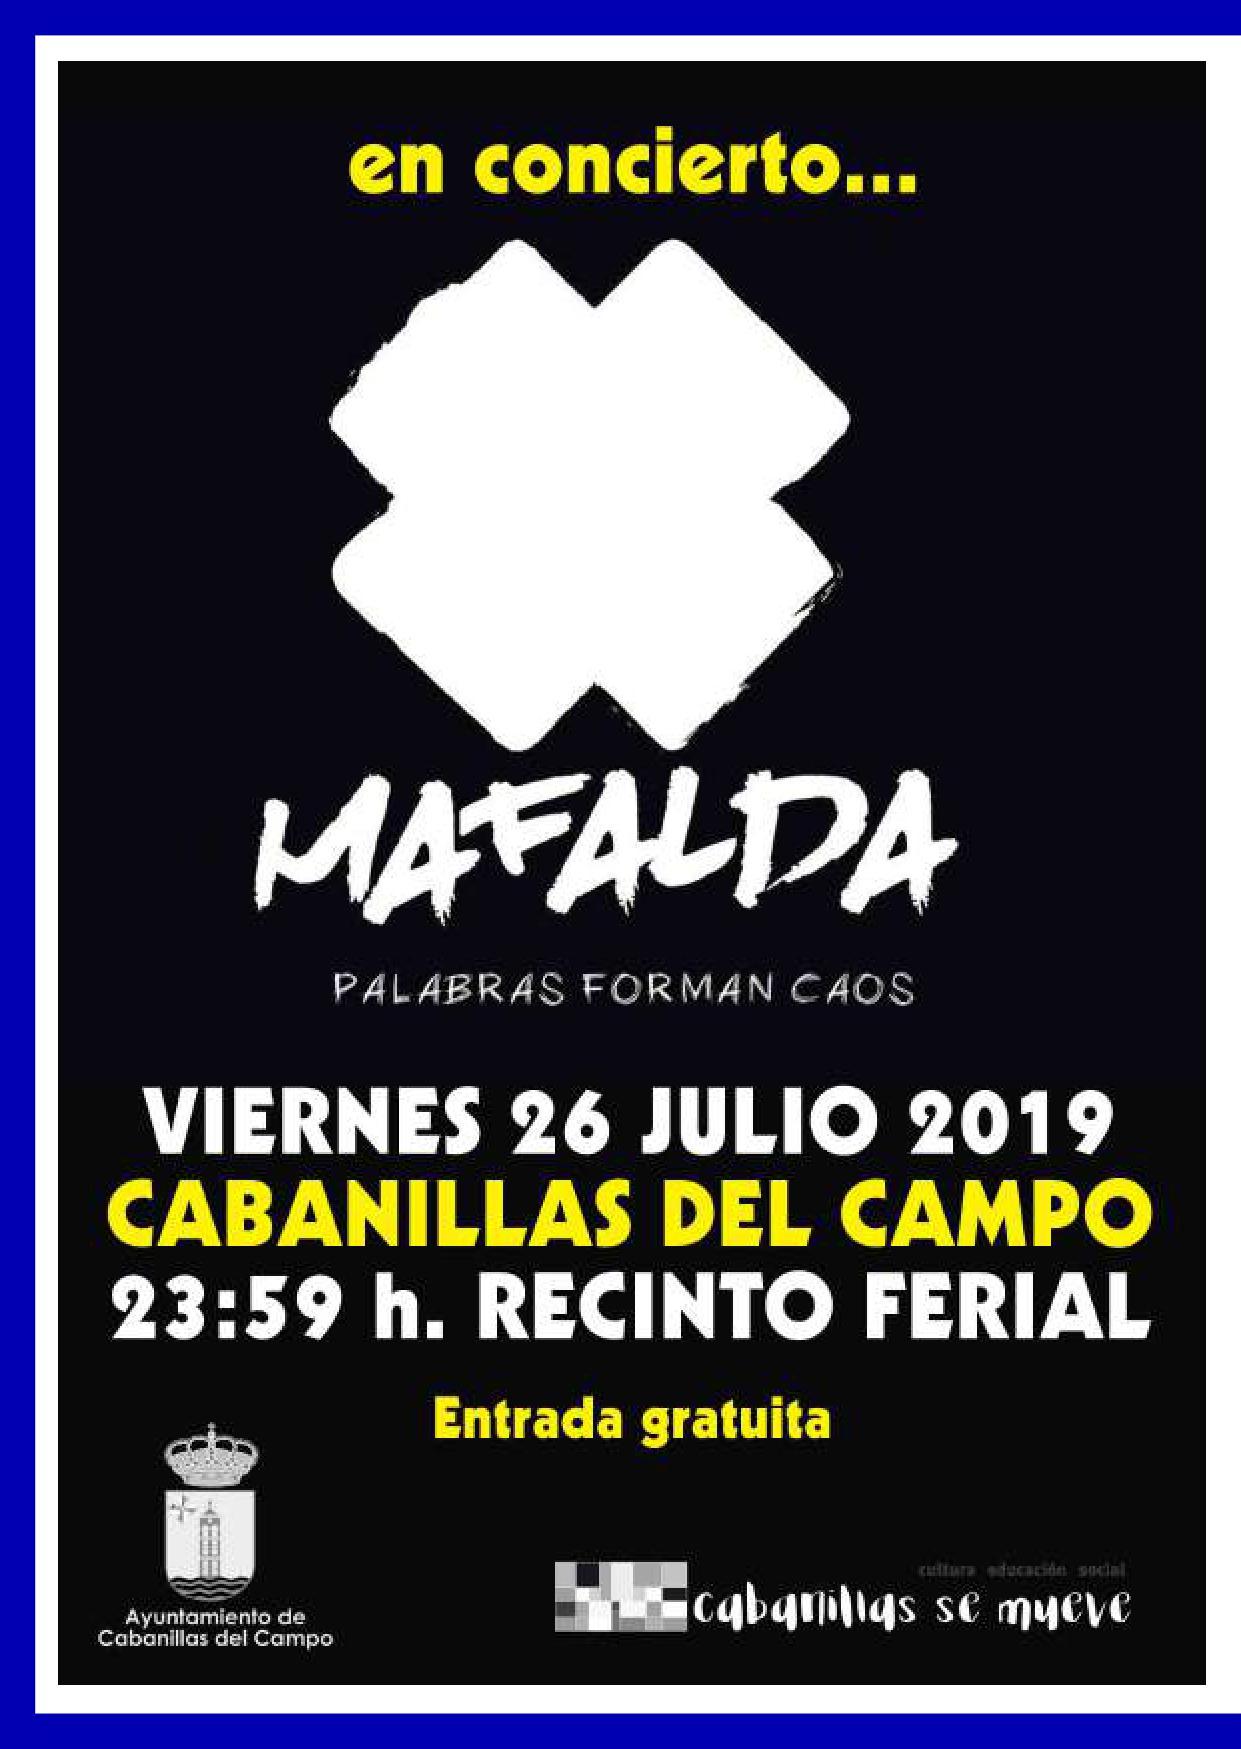 Concierto de «Mafalda» en las fiestas de Cabanillas